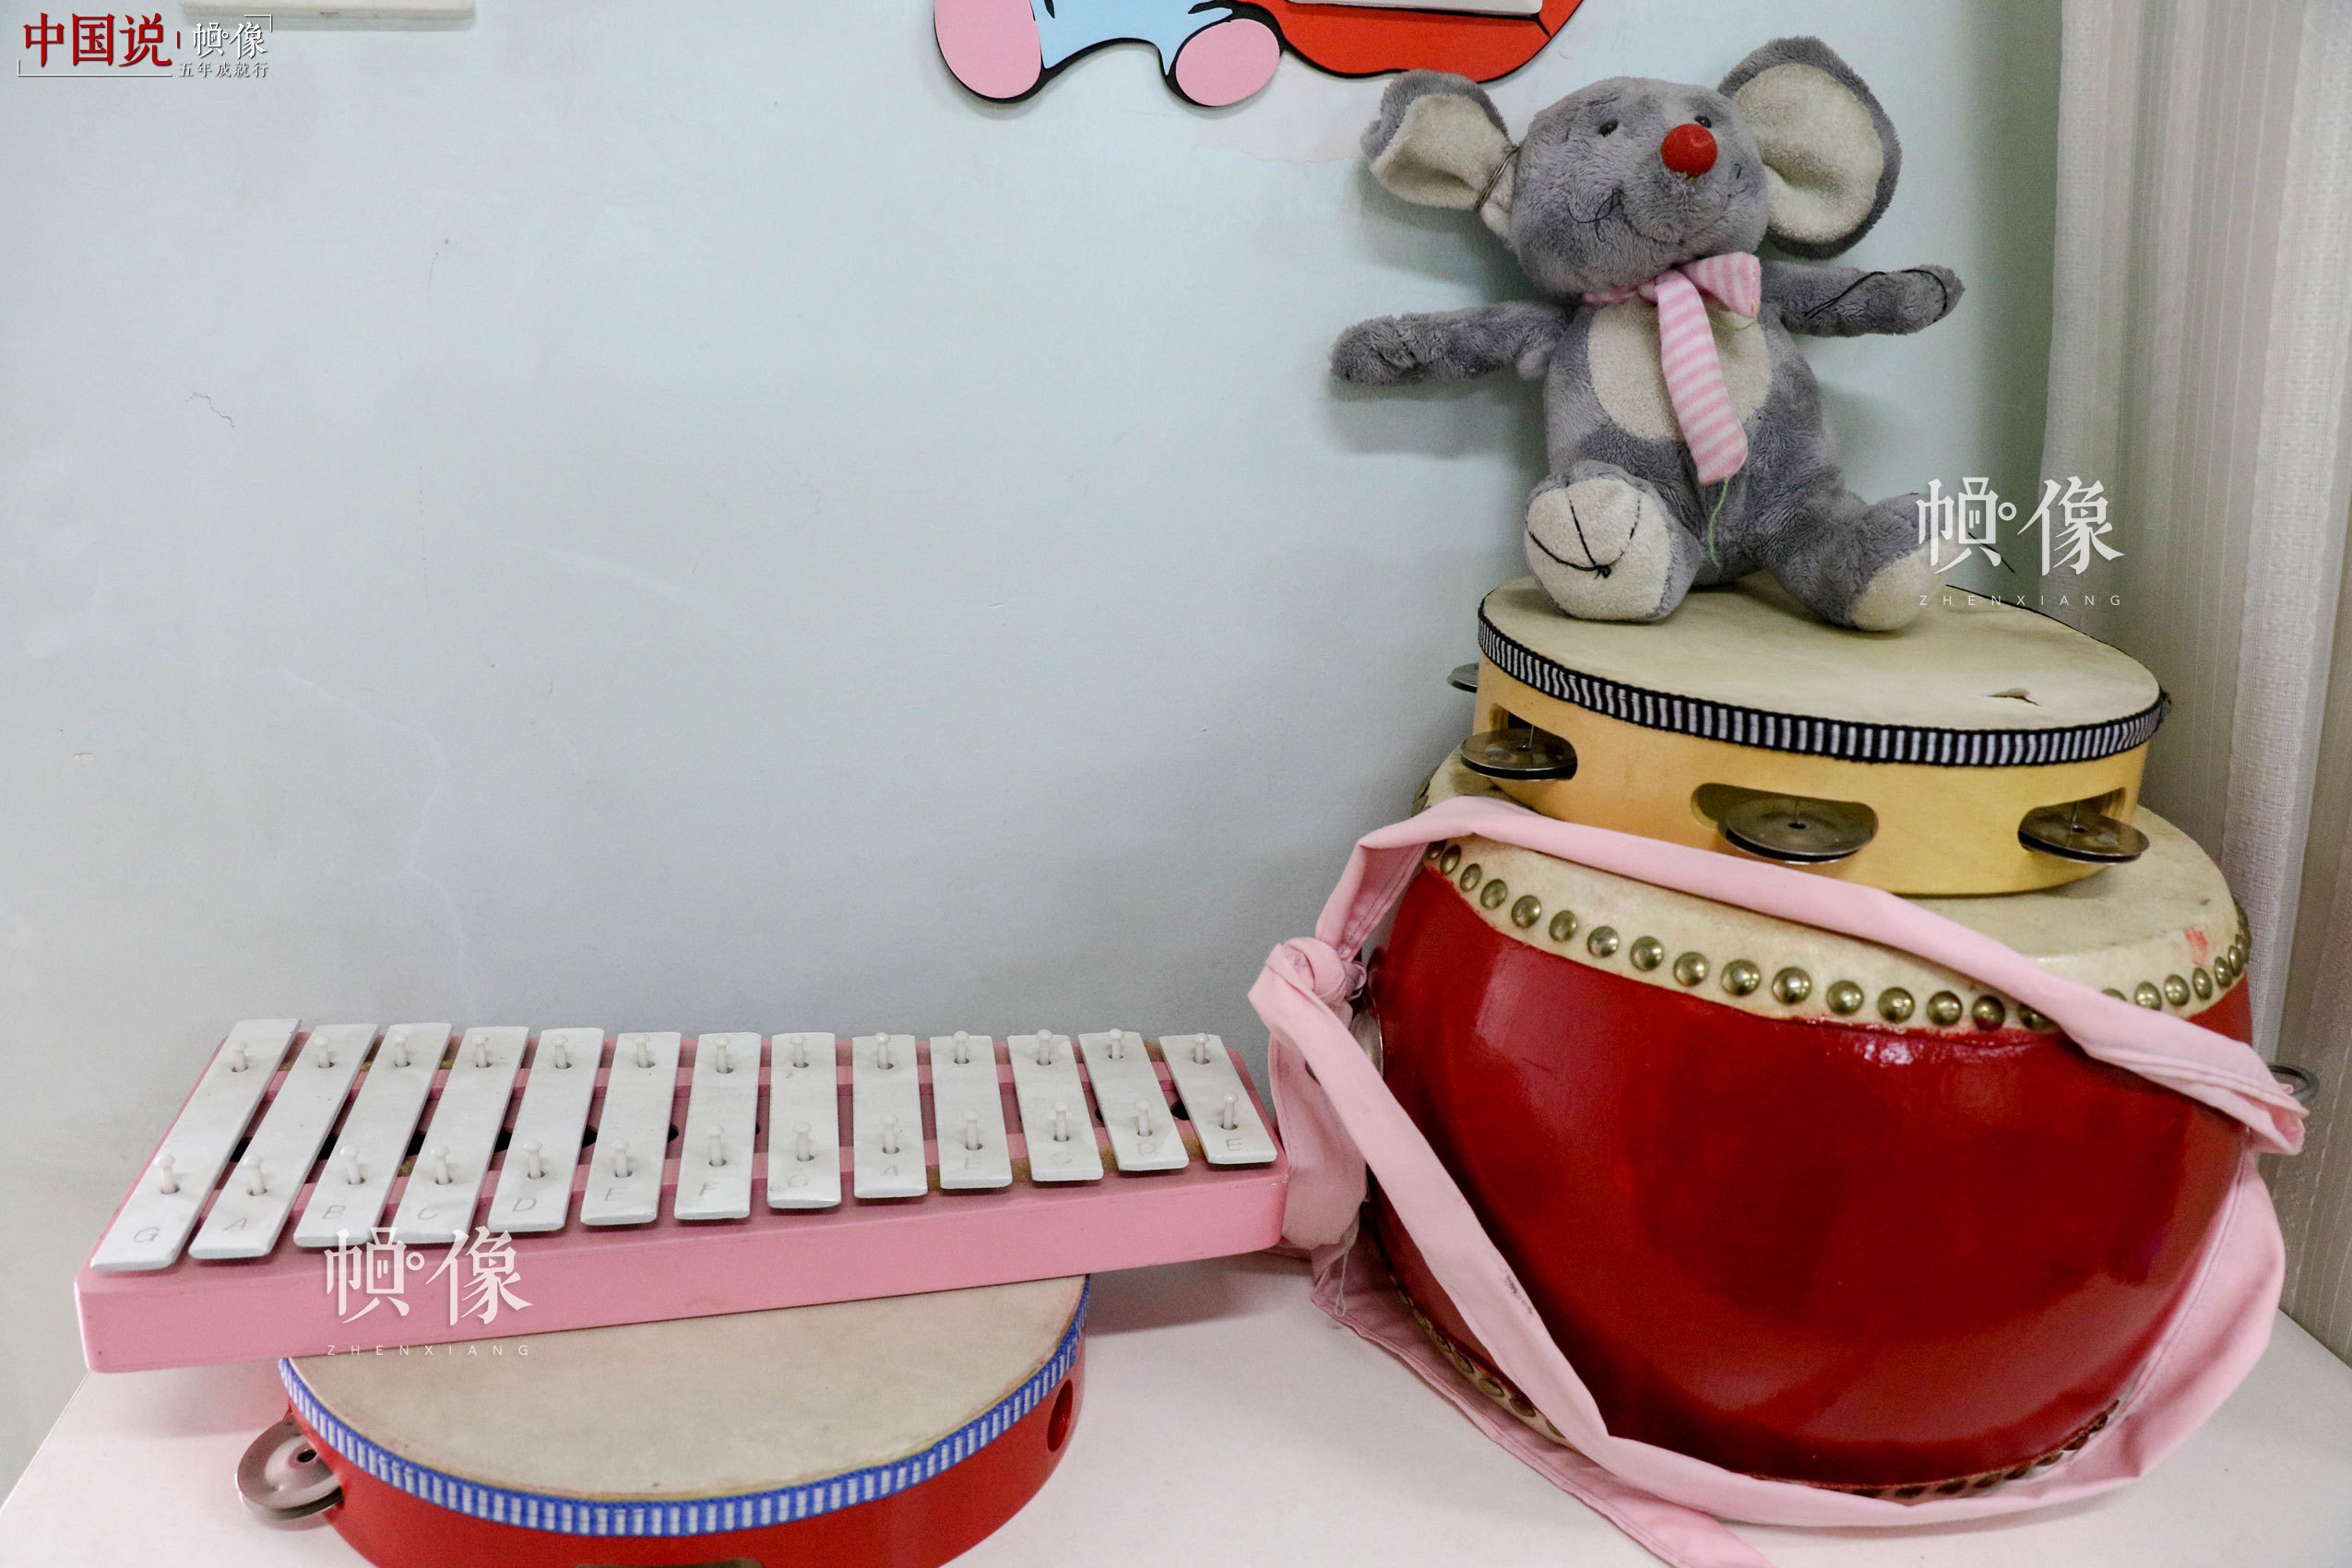 北京市天堂河女子教育矫治所团体活动室所摆放的乐器。中国网记者 赵超 摄